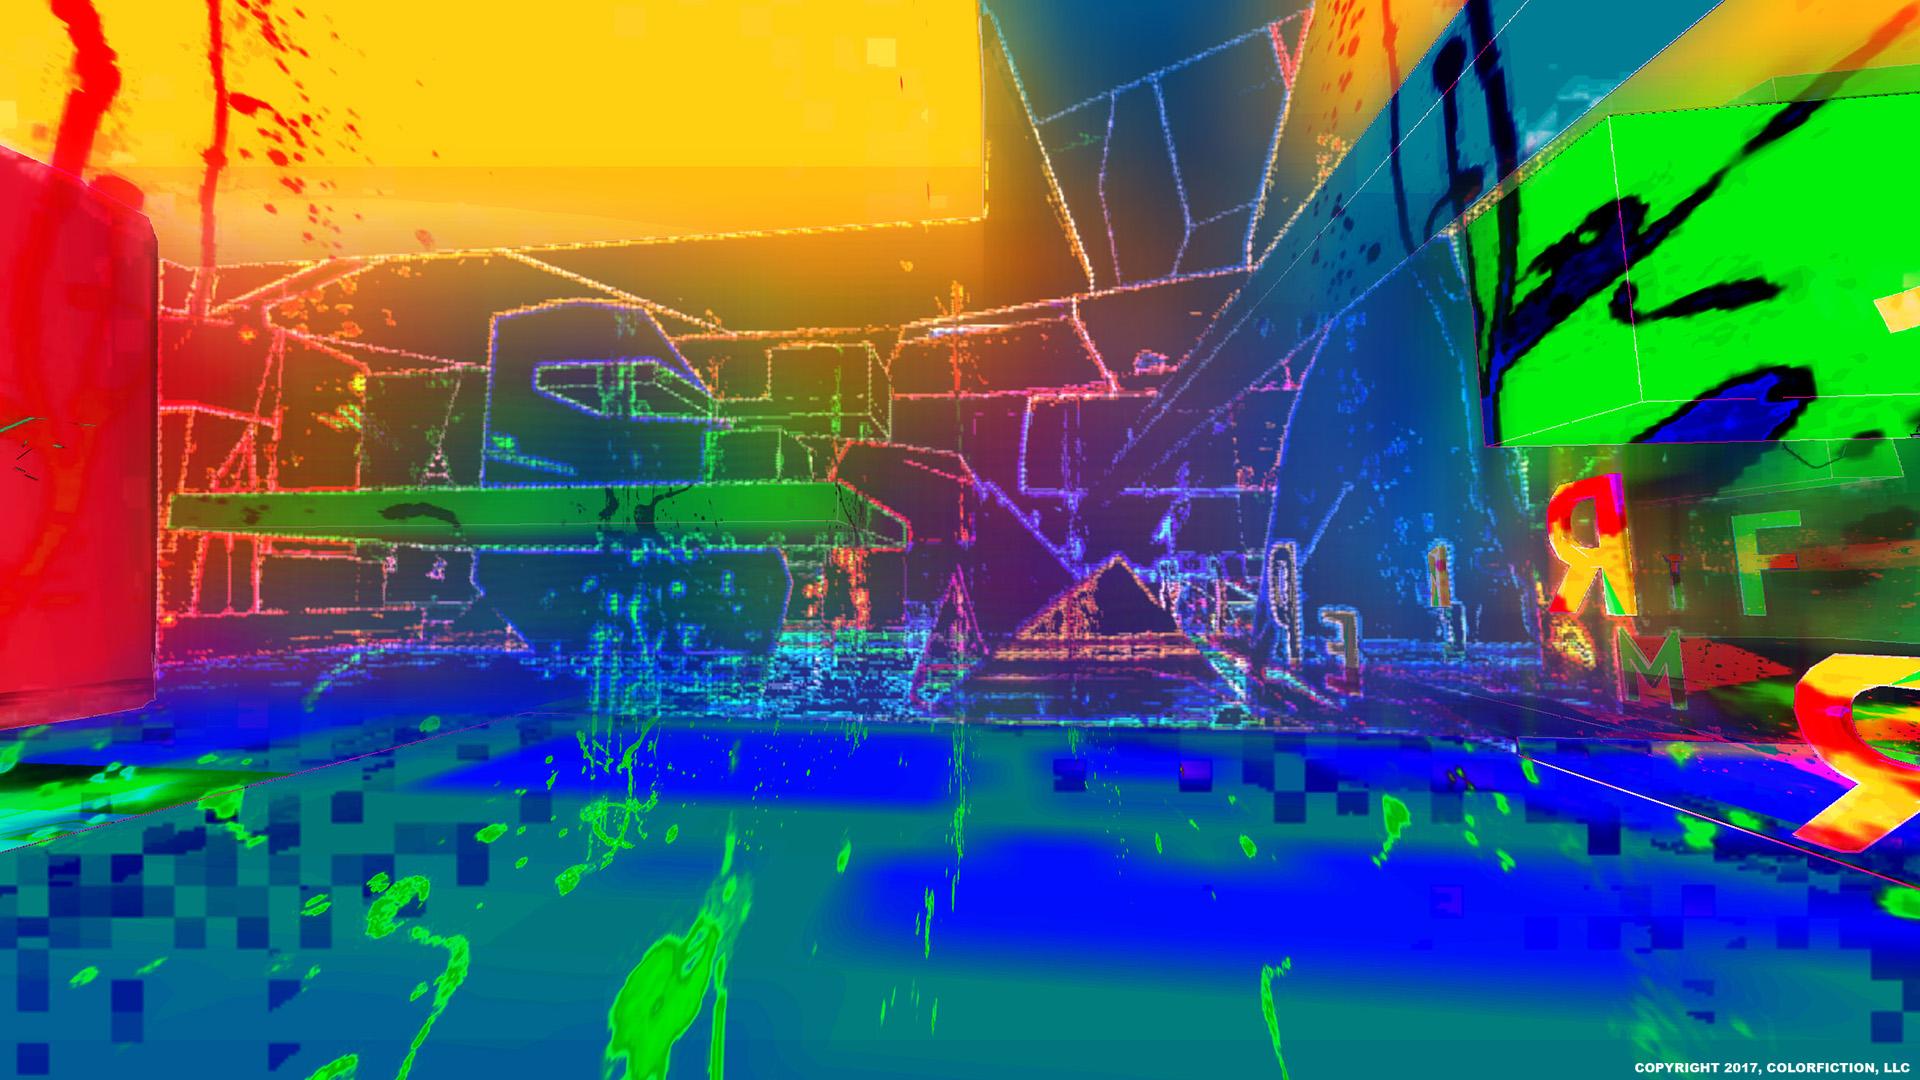 0-¦N 0-¦W - Zero North Zero West - Screenshot 1.jpg